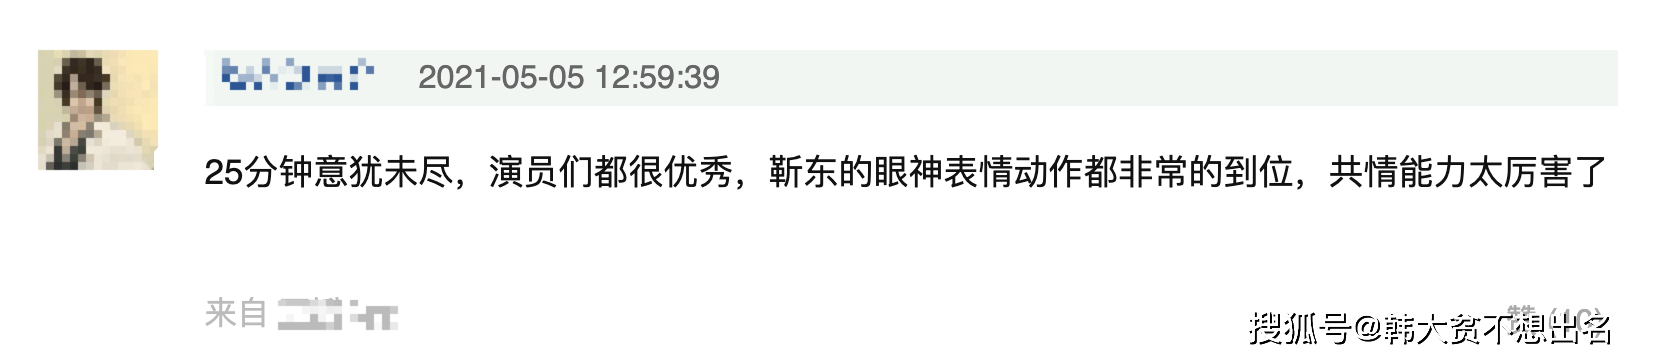 《理想照耀中国》看完意犹未尽!相比《觉醒年代》写意不写实